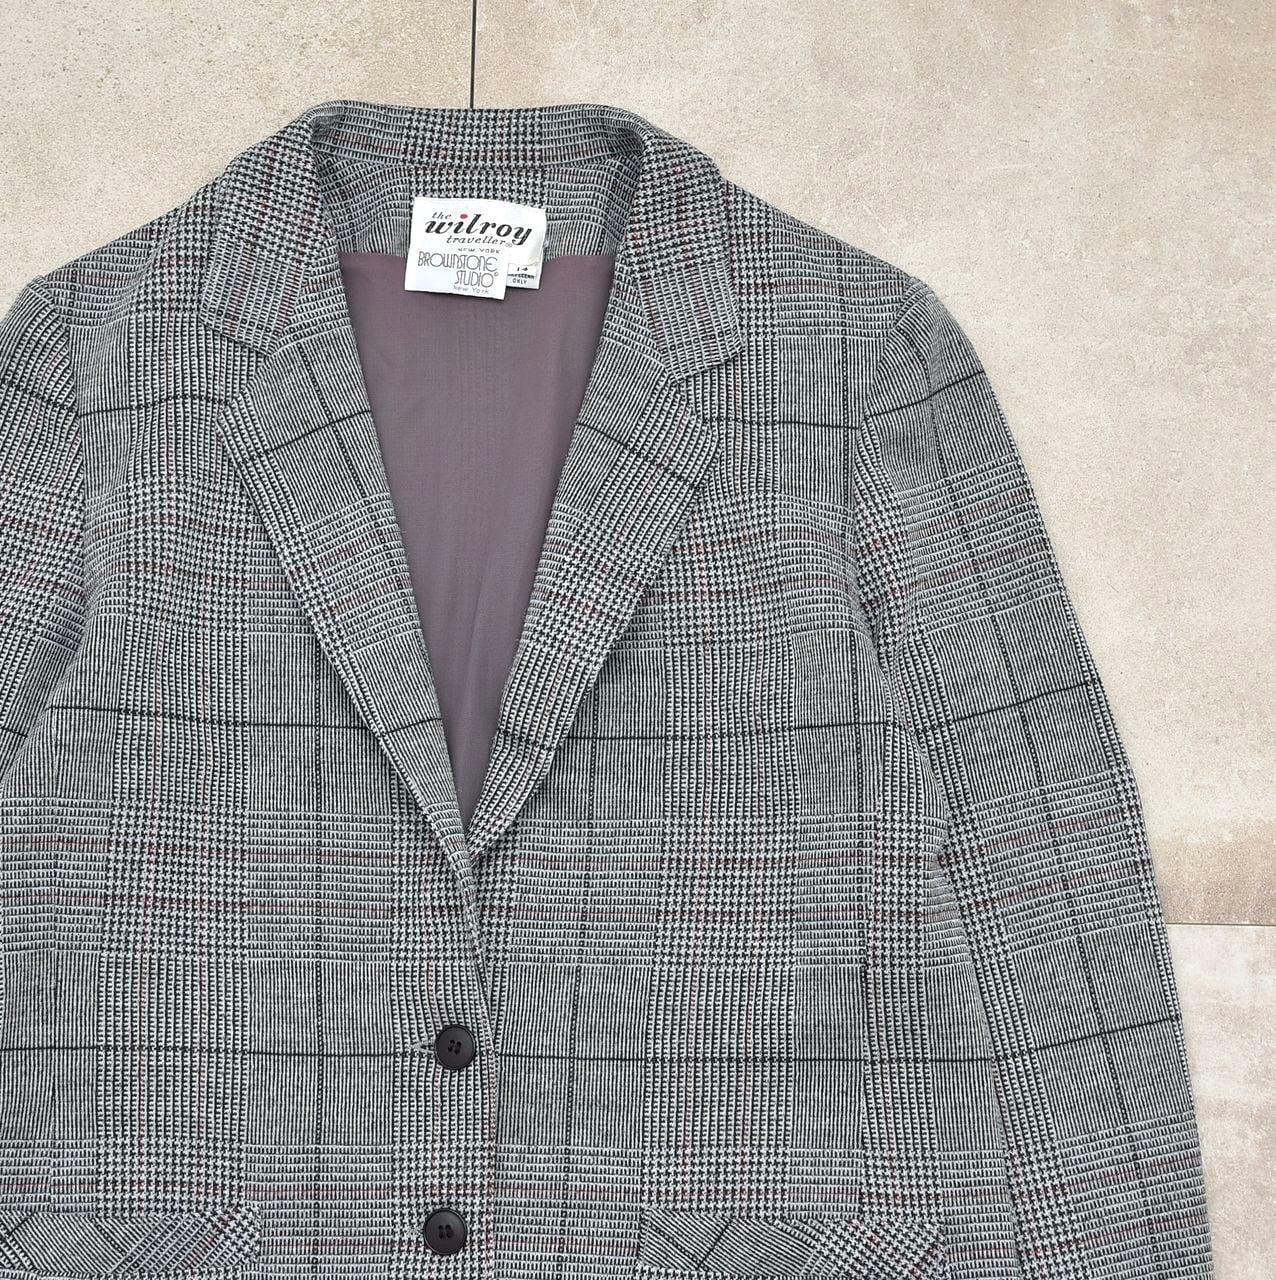 60~70s Vtg glen check tailored jacket